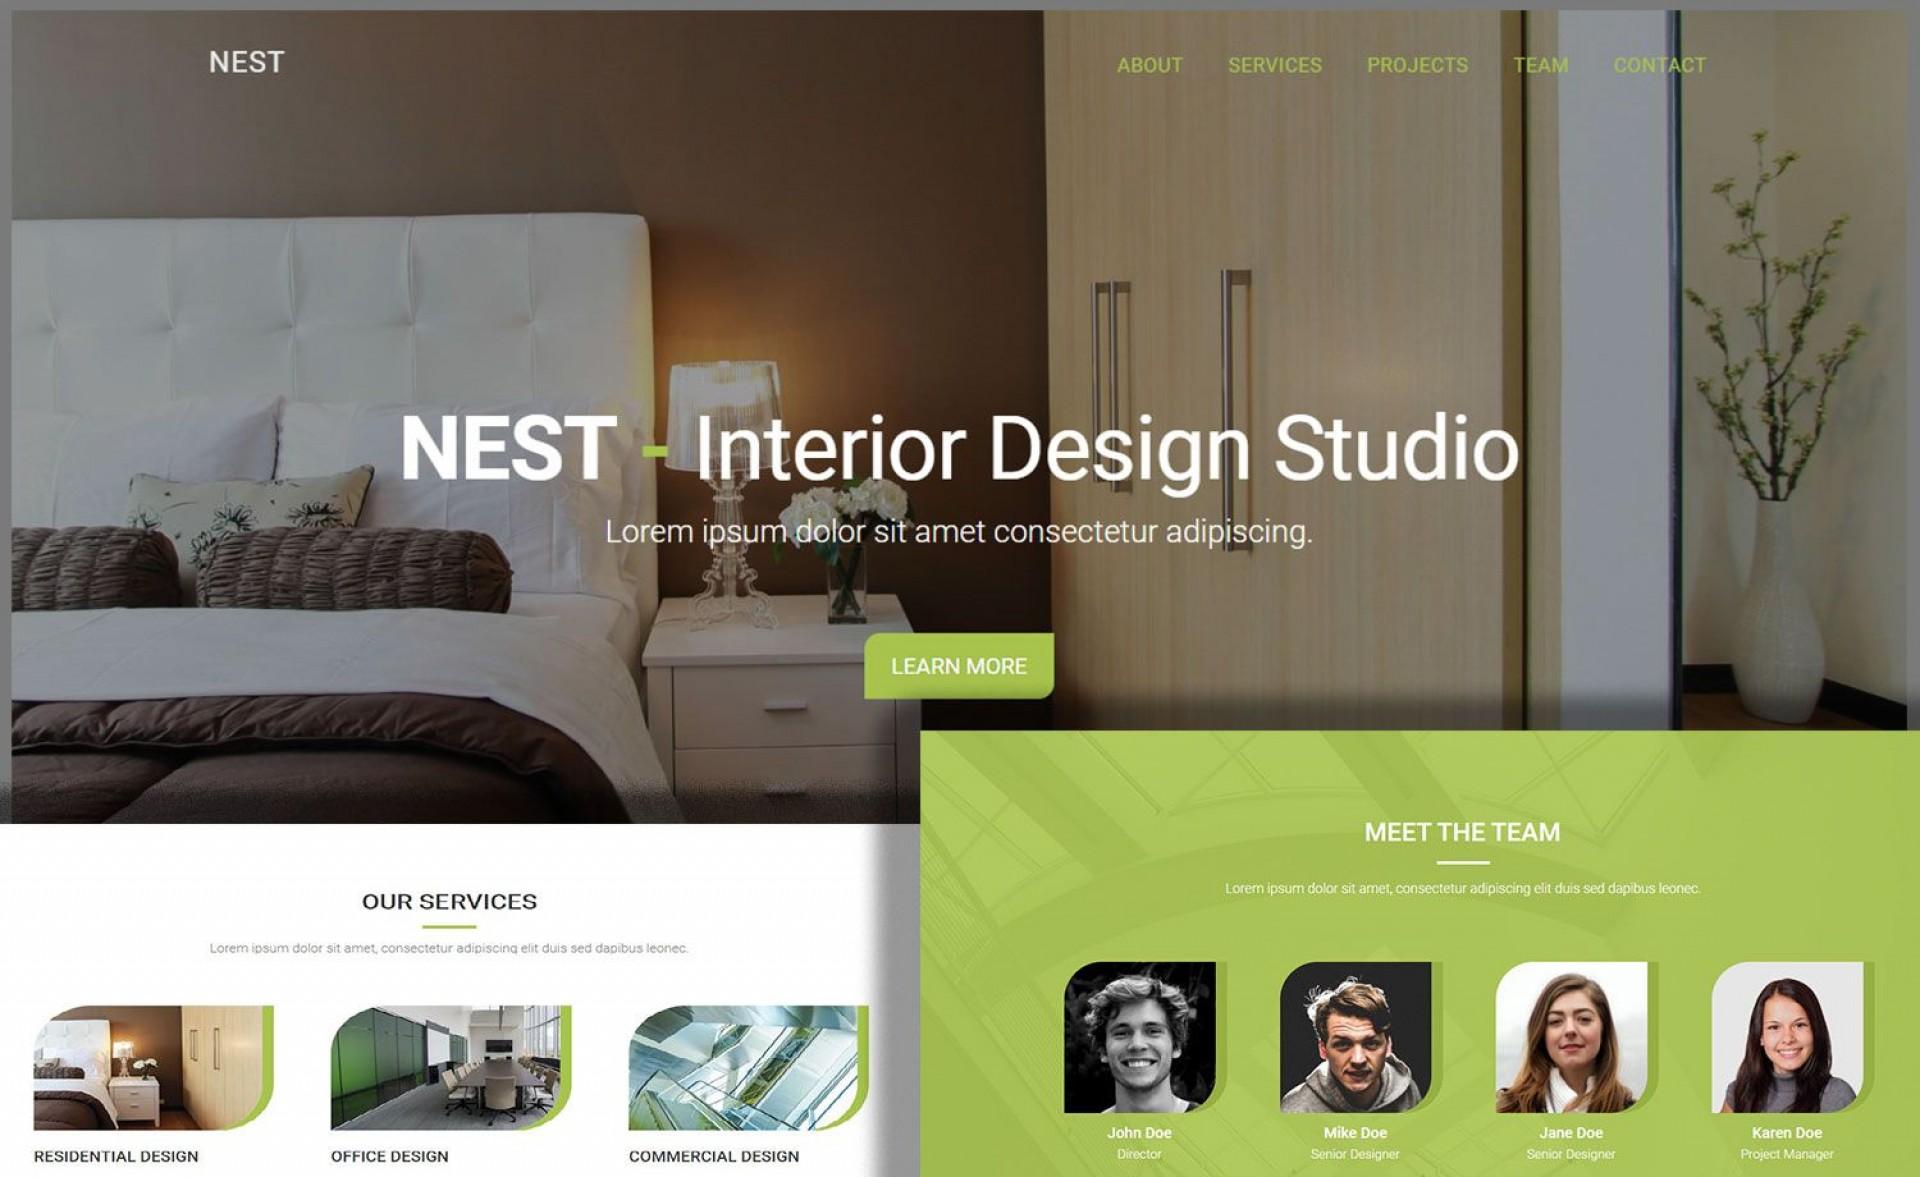 008 Unique Interior Design Website Template Picture  Templates Company Free Download Html1920